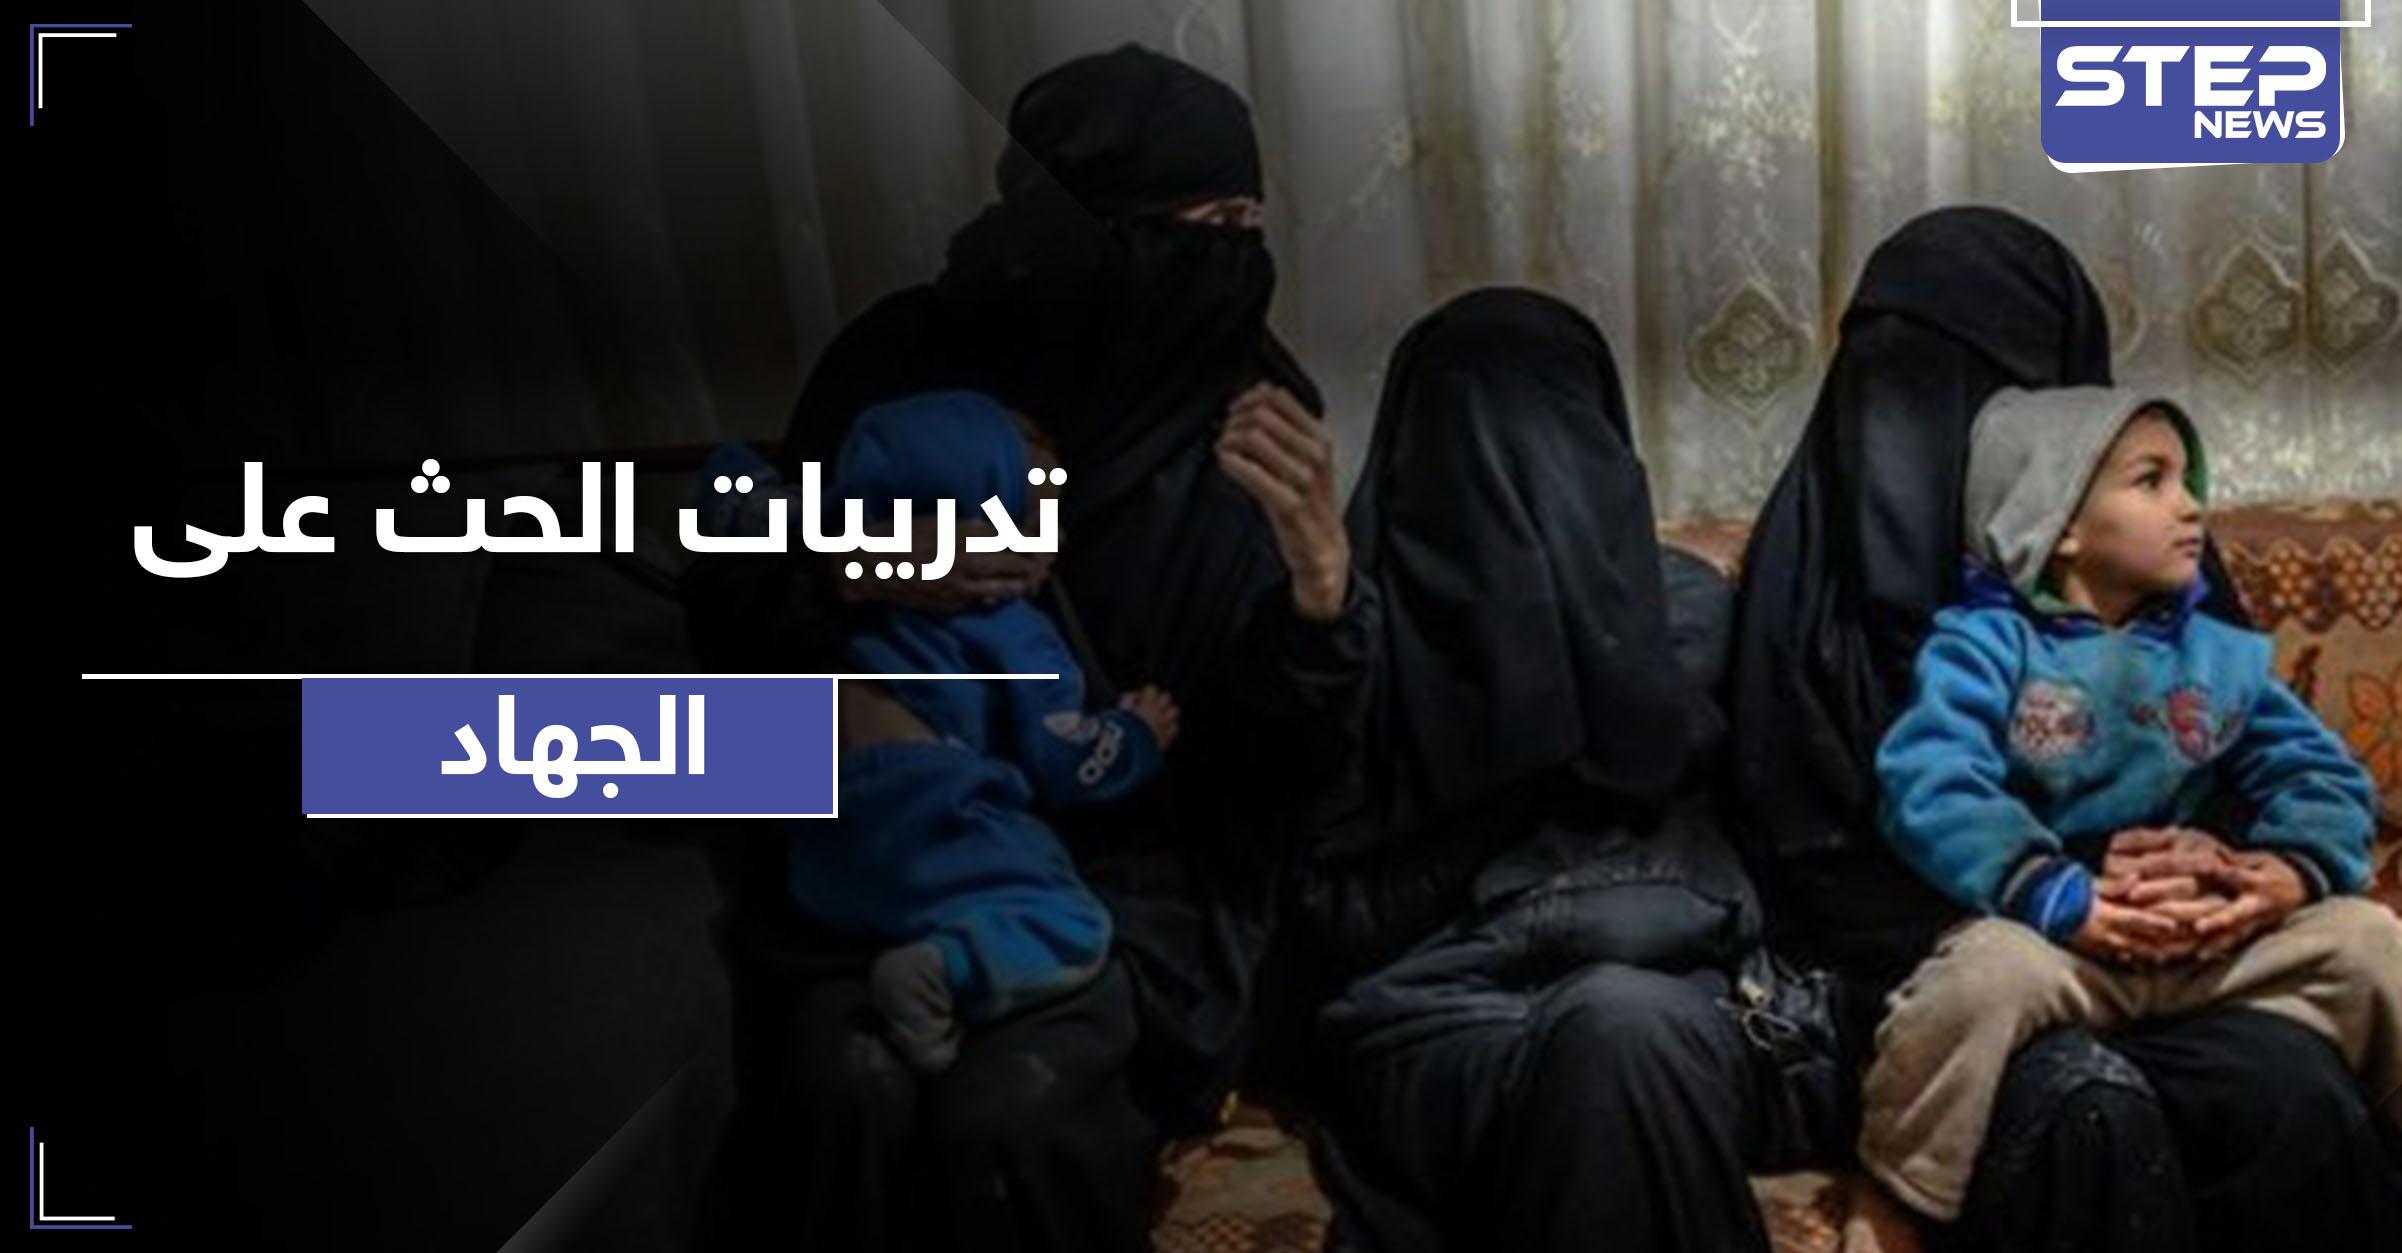 القبض على نساء داعشيات